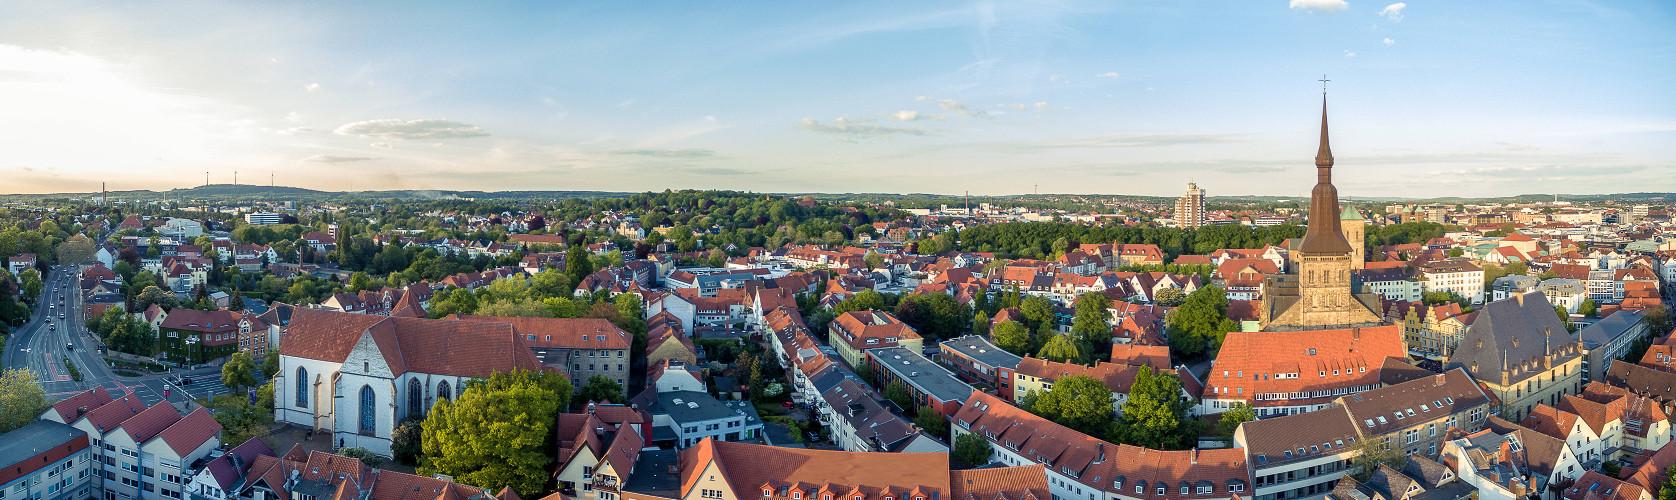 Osnabrück Panorama